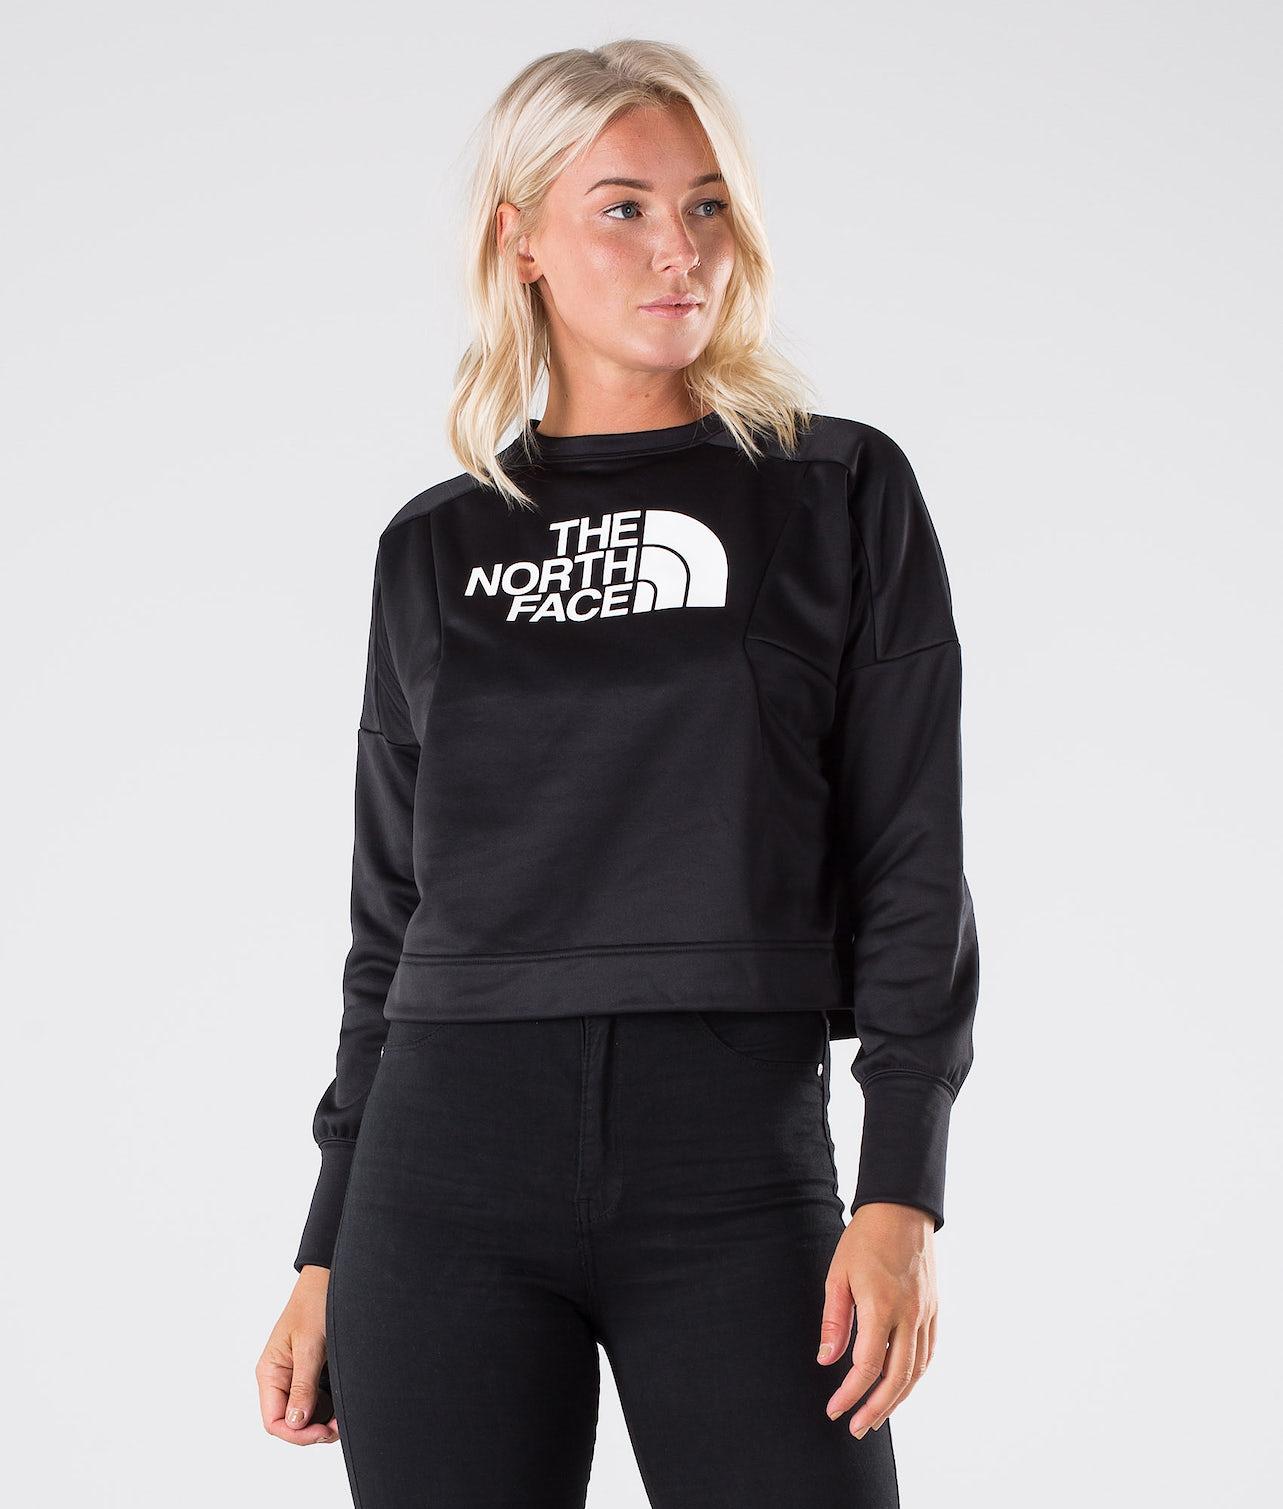 Kjøp Tnl Hood fra The North Face på Ridestore.no - Hos oss har du alltid fri frakt, fri retur og 30 dagers åpent kjøp!